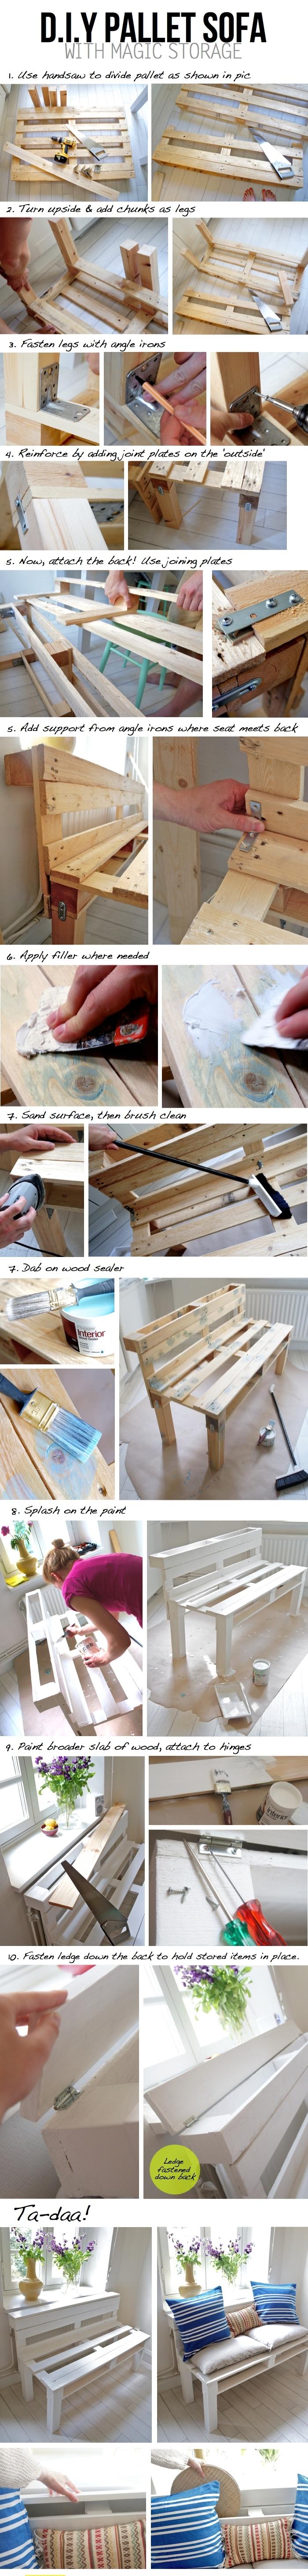 tuto pas-en-pas pour fabriquer meuble avec palette au design simple et épuré, fabrication d'un sofa avec des palettes récupérées